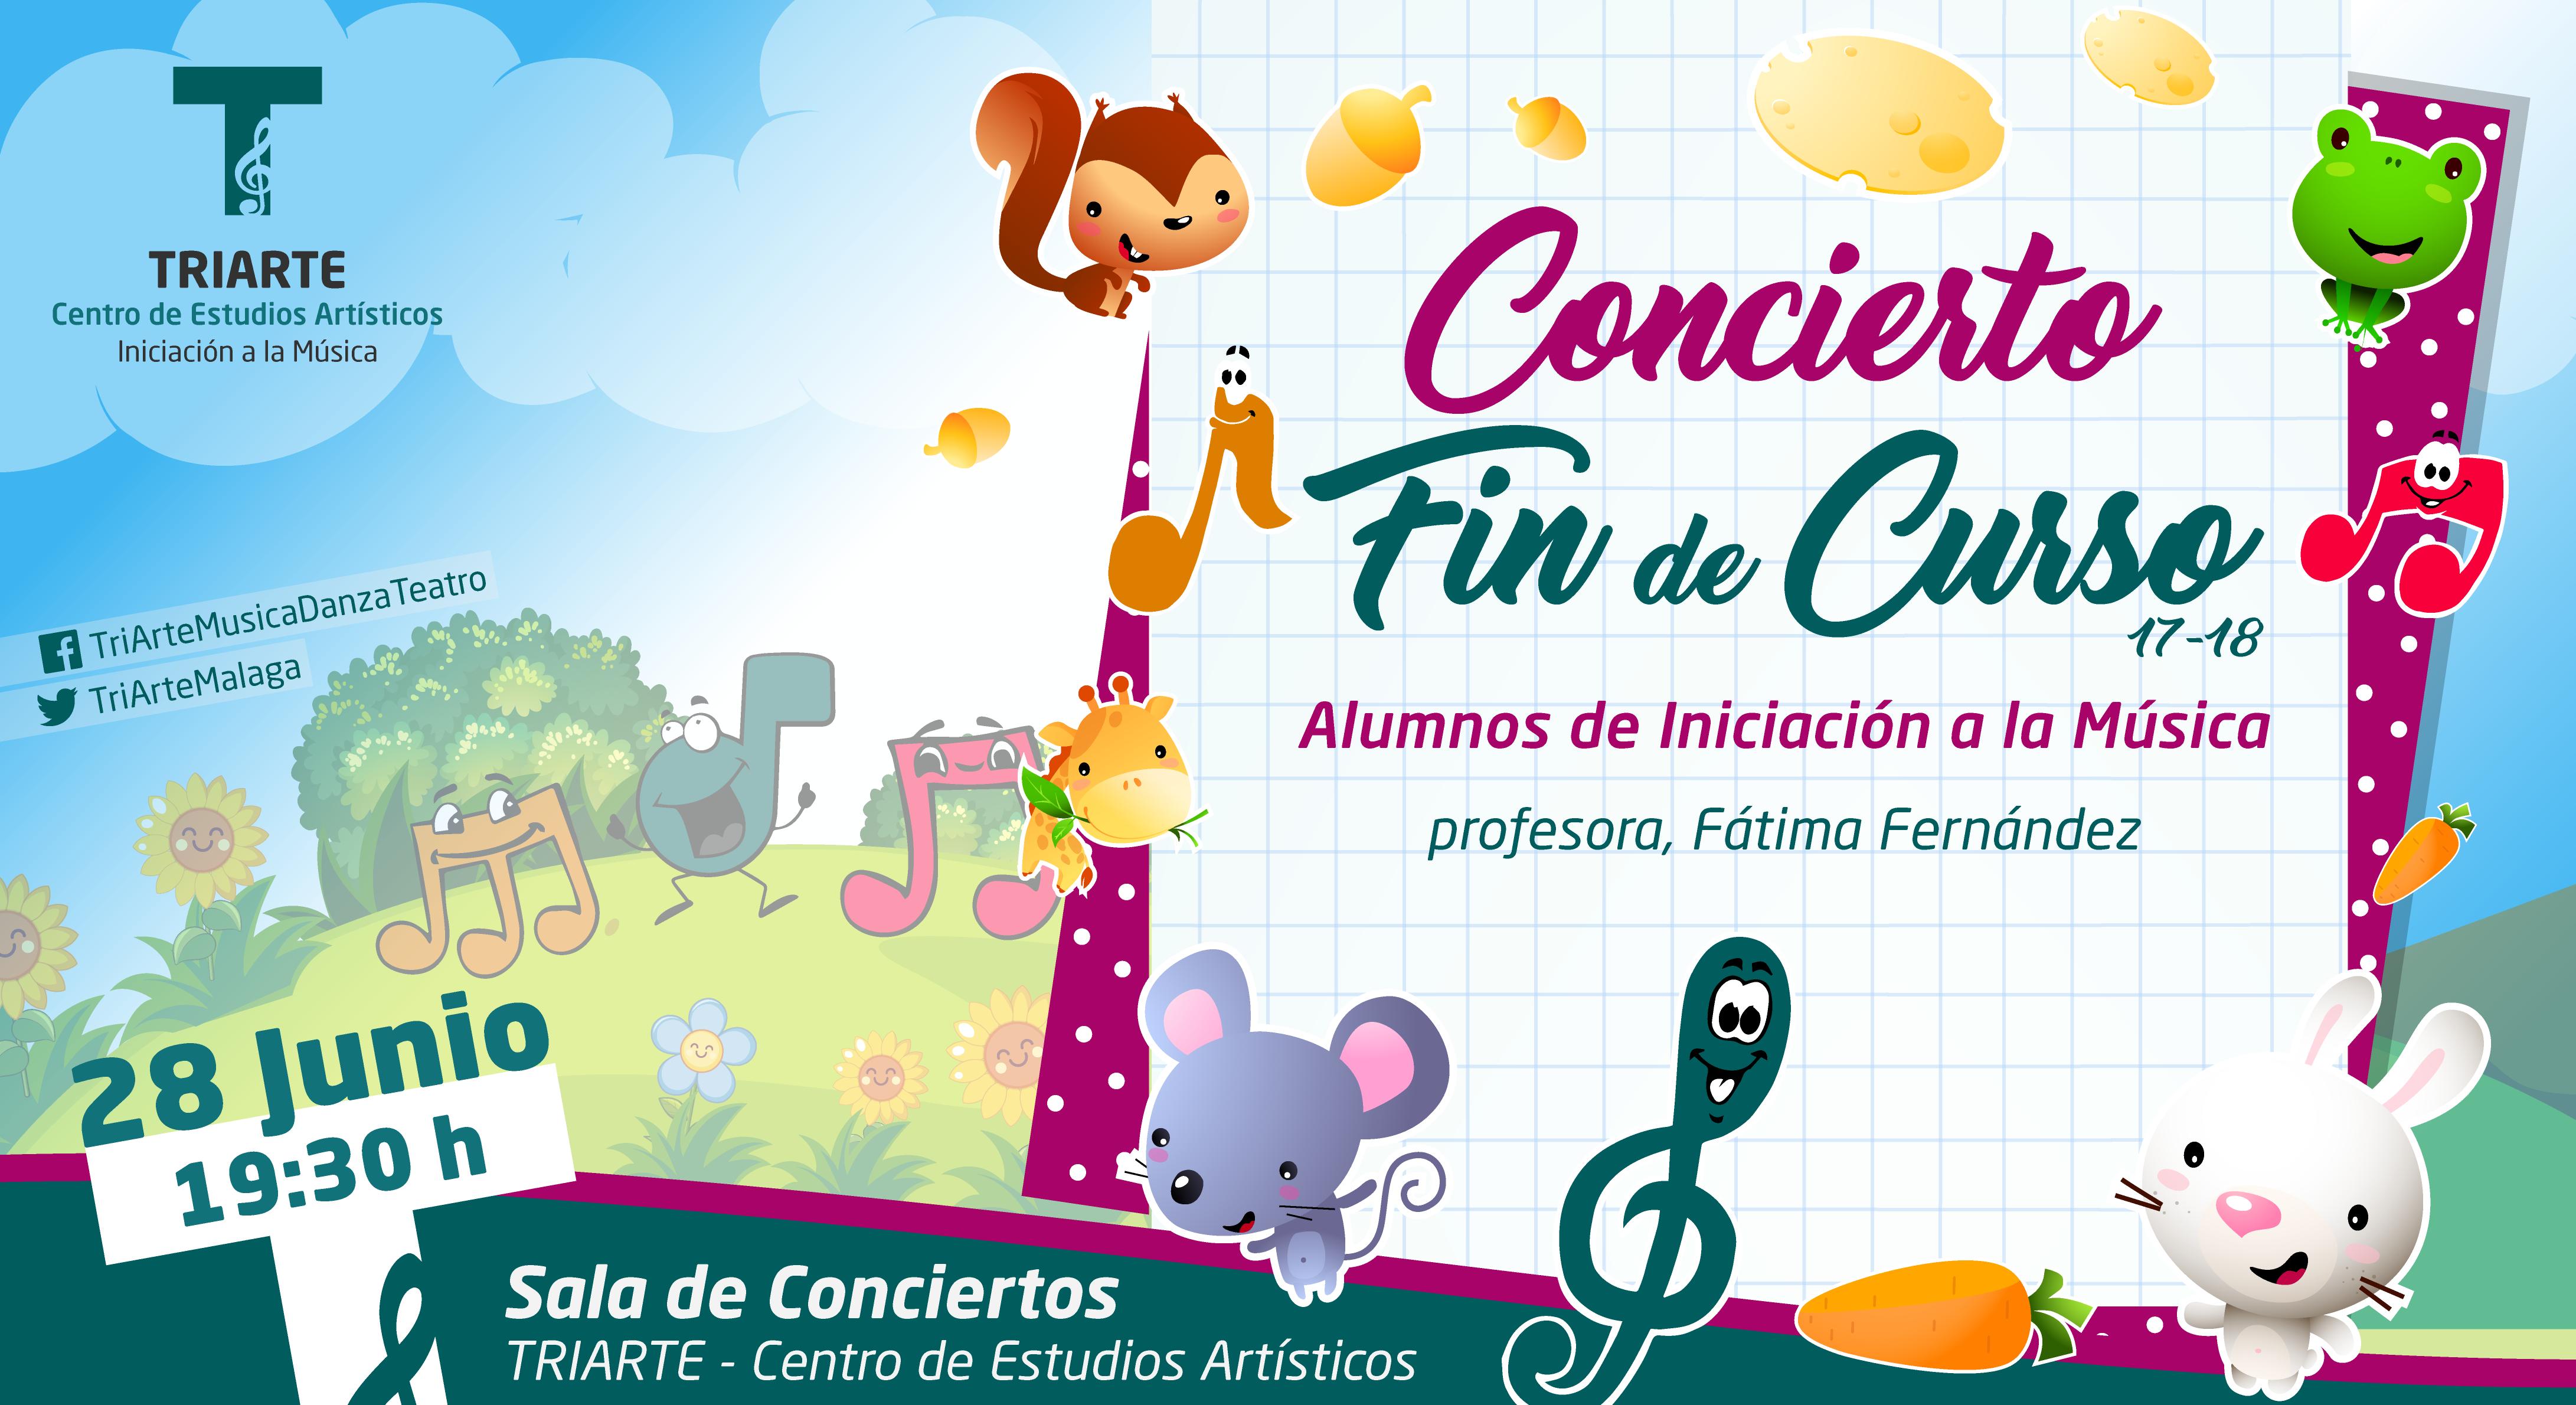 Concierto Fin de Curso. Iniciación a la Música. Triarte, Málaga. Clases de Música para niños de 6 a 7 años